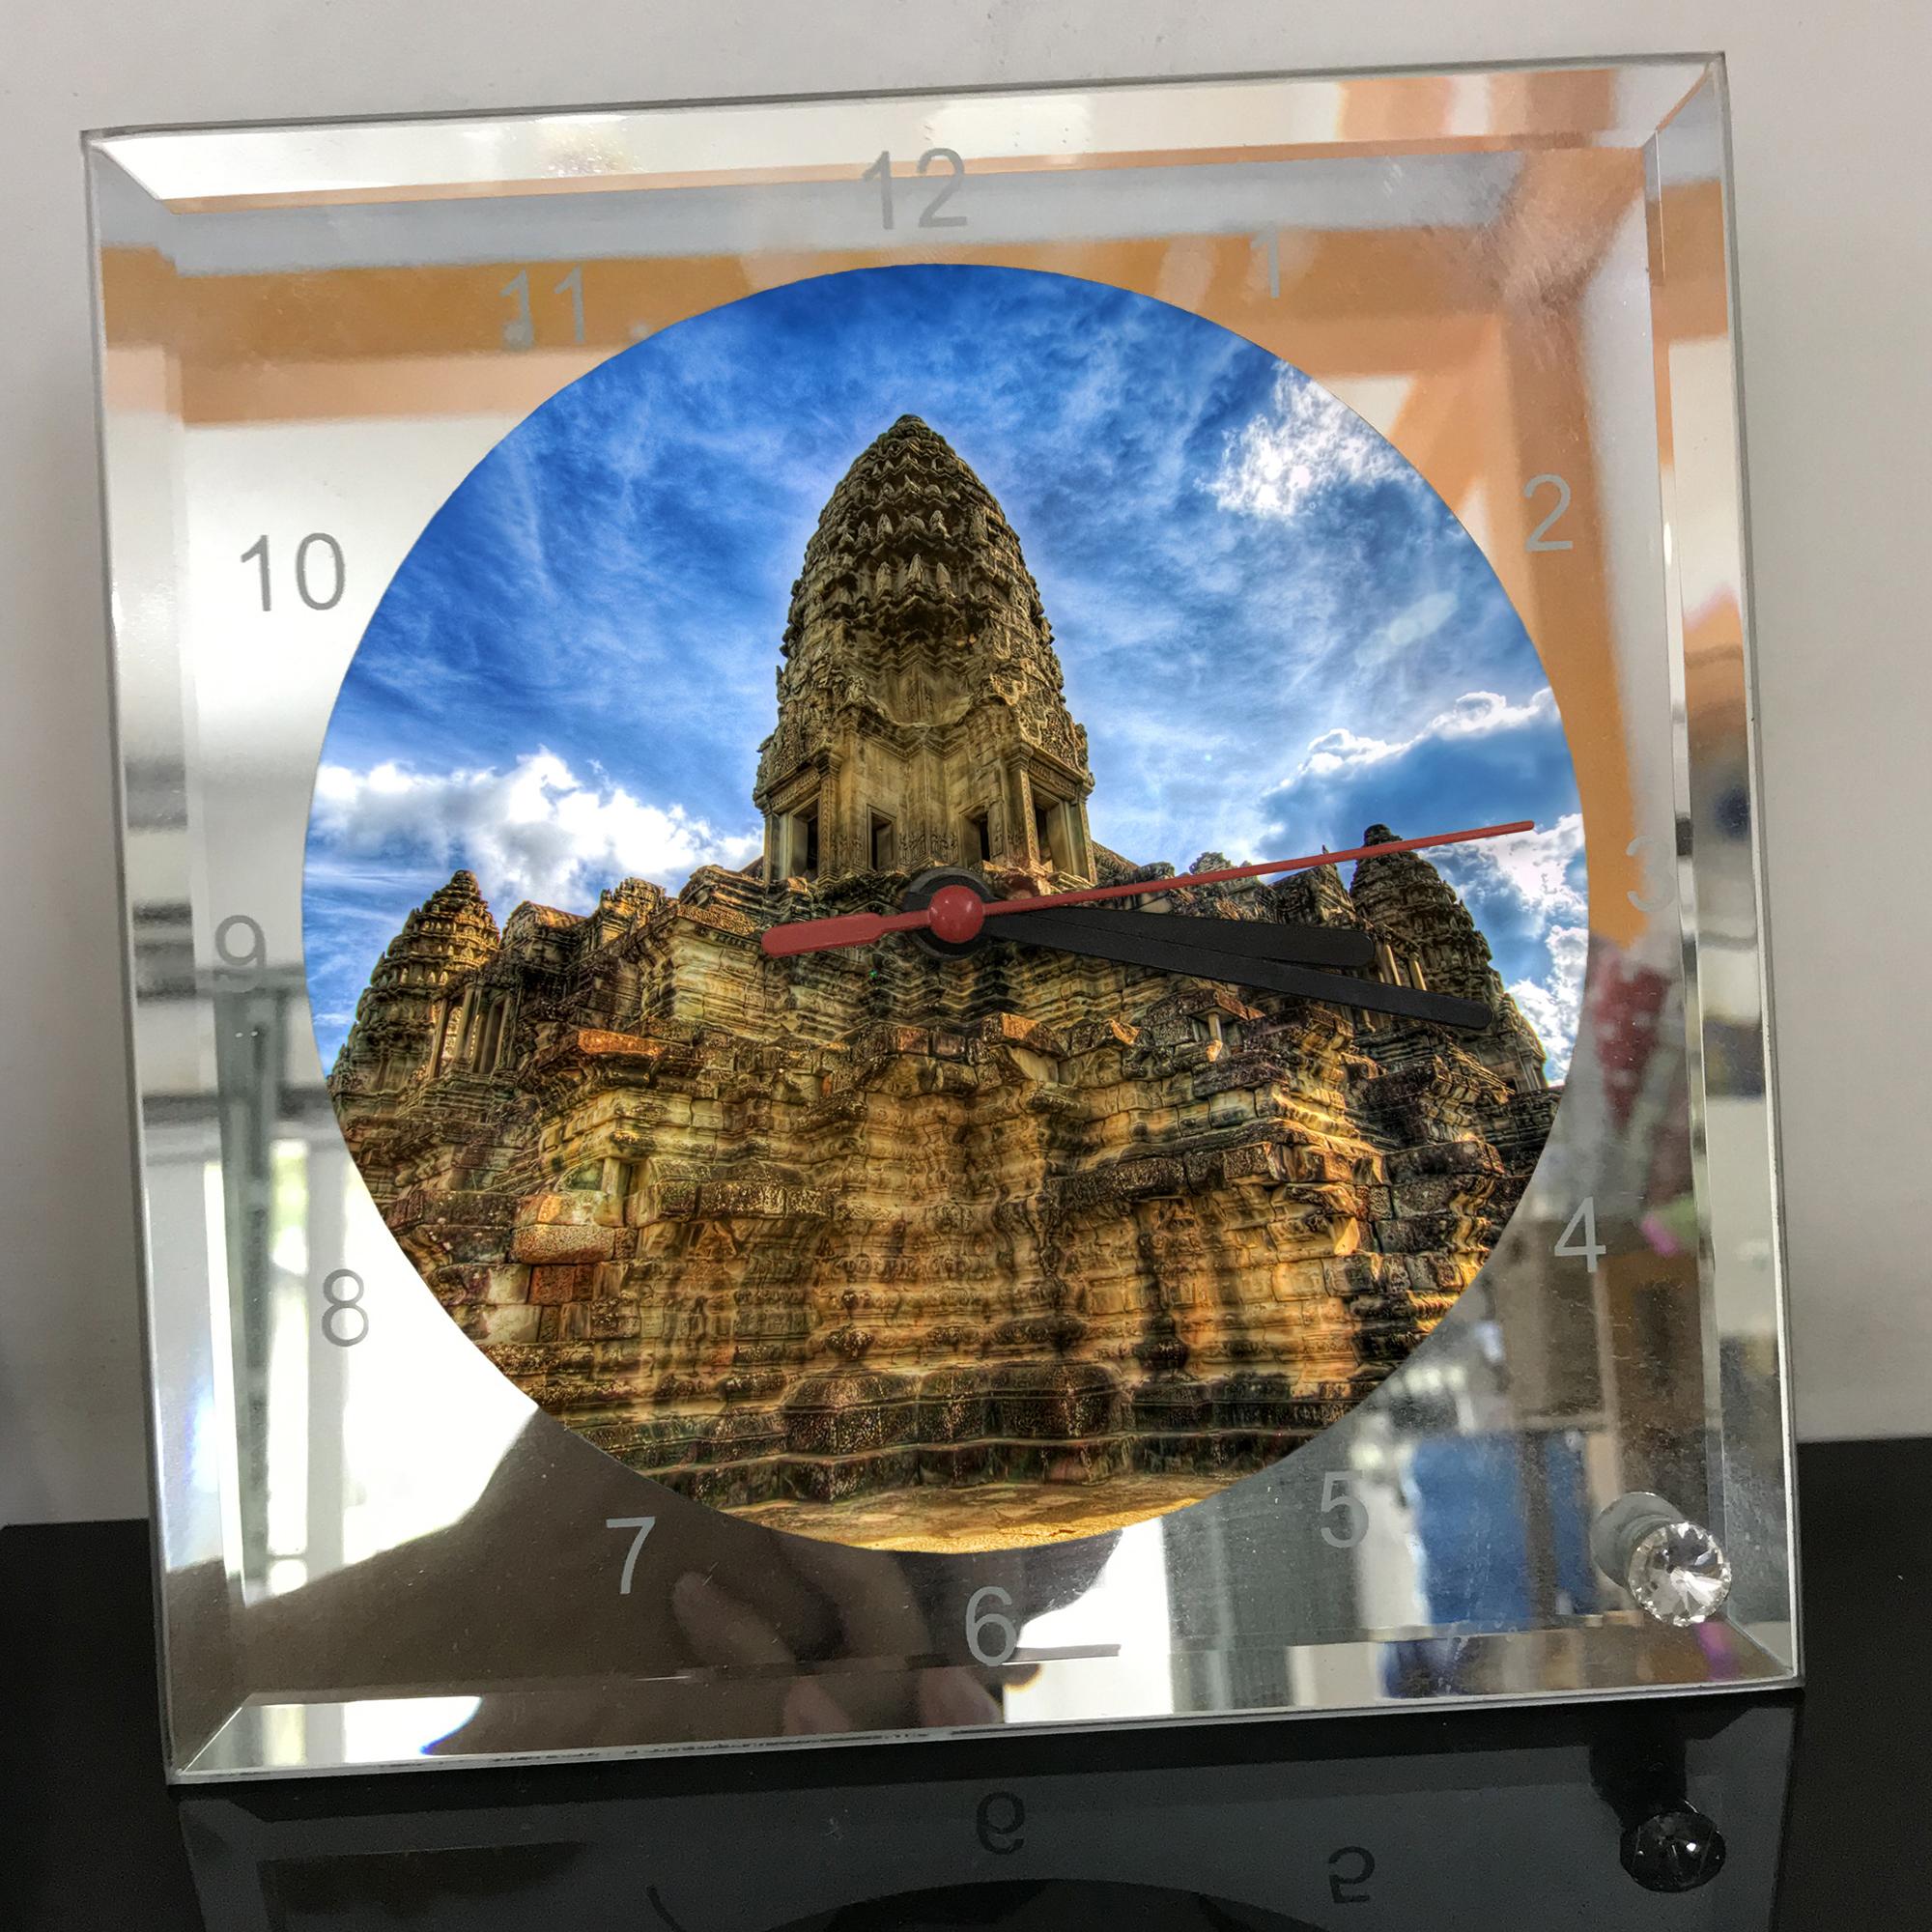 Đồng hồ thủy tinh vuông 20x20 in hình Temple - đền thờ (74) . Đồng hồ thủy tinh để bàn trang trí đẹp chủ đề tôn giáo